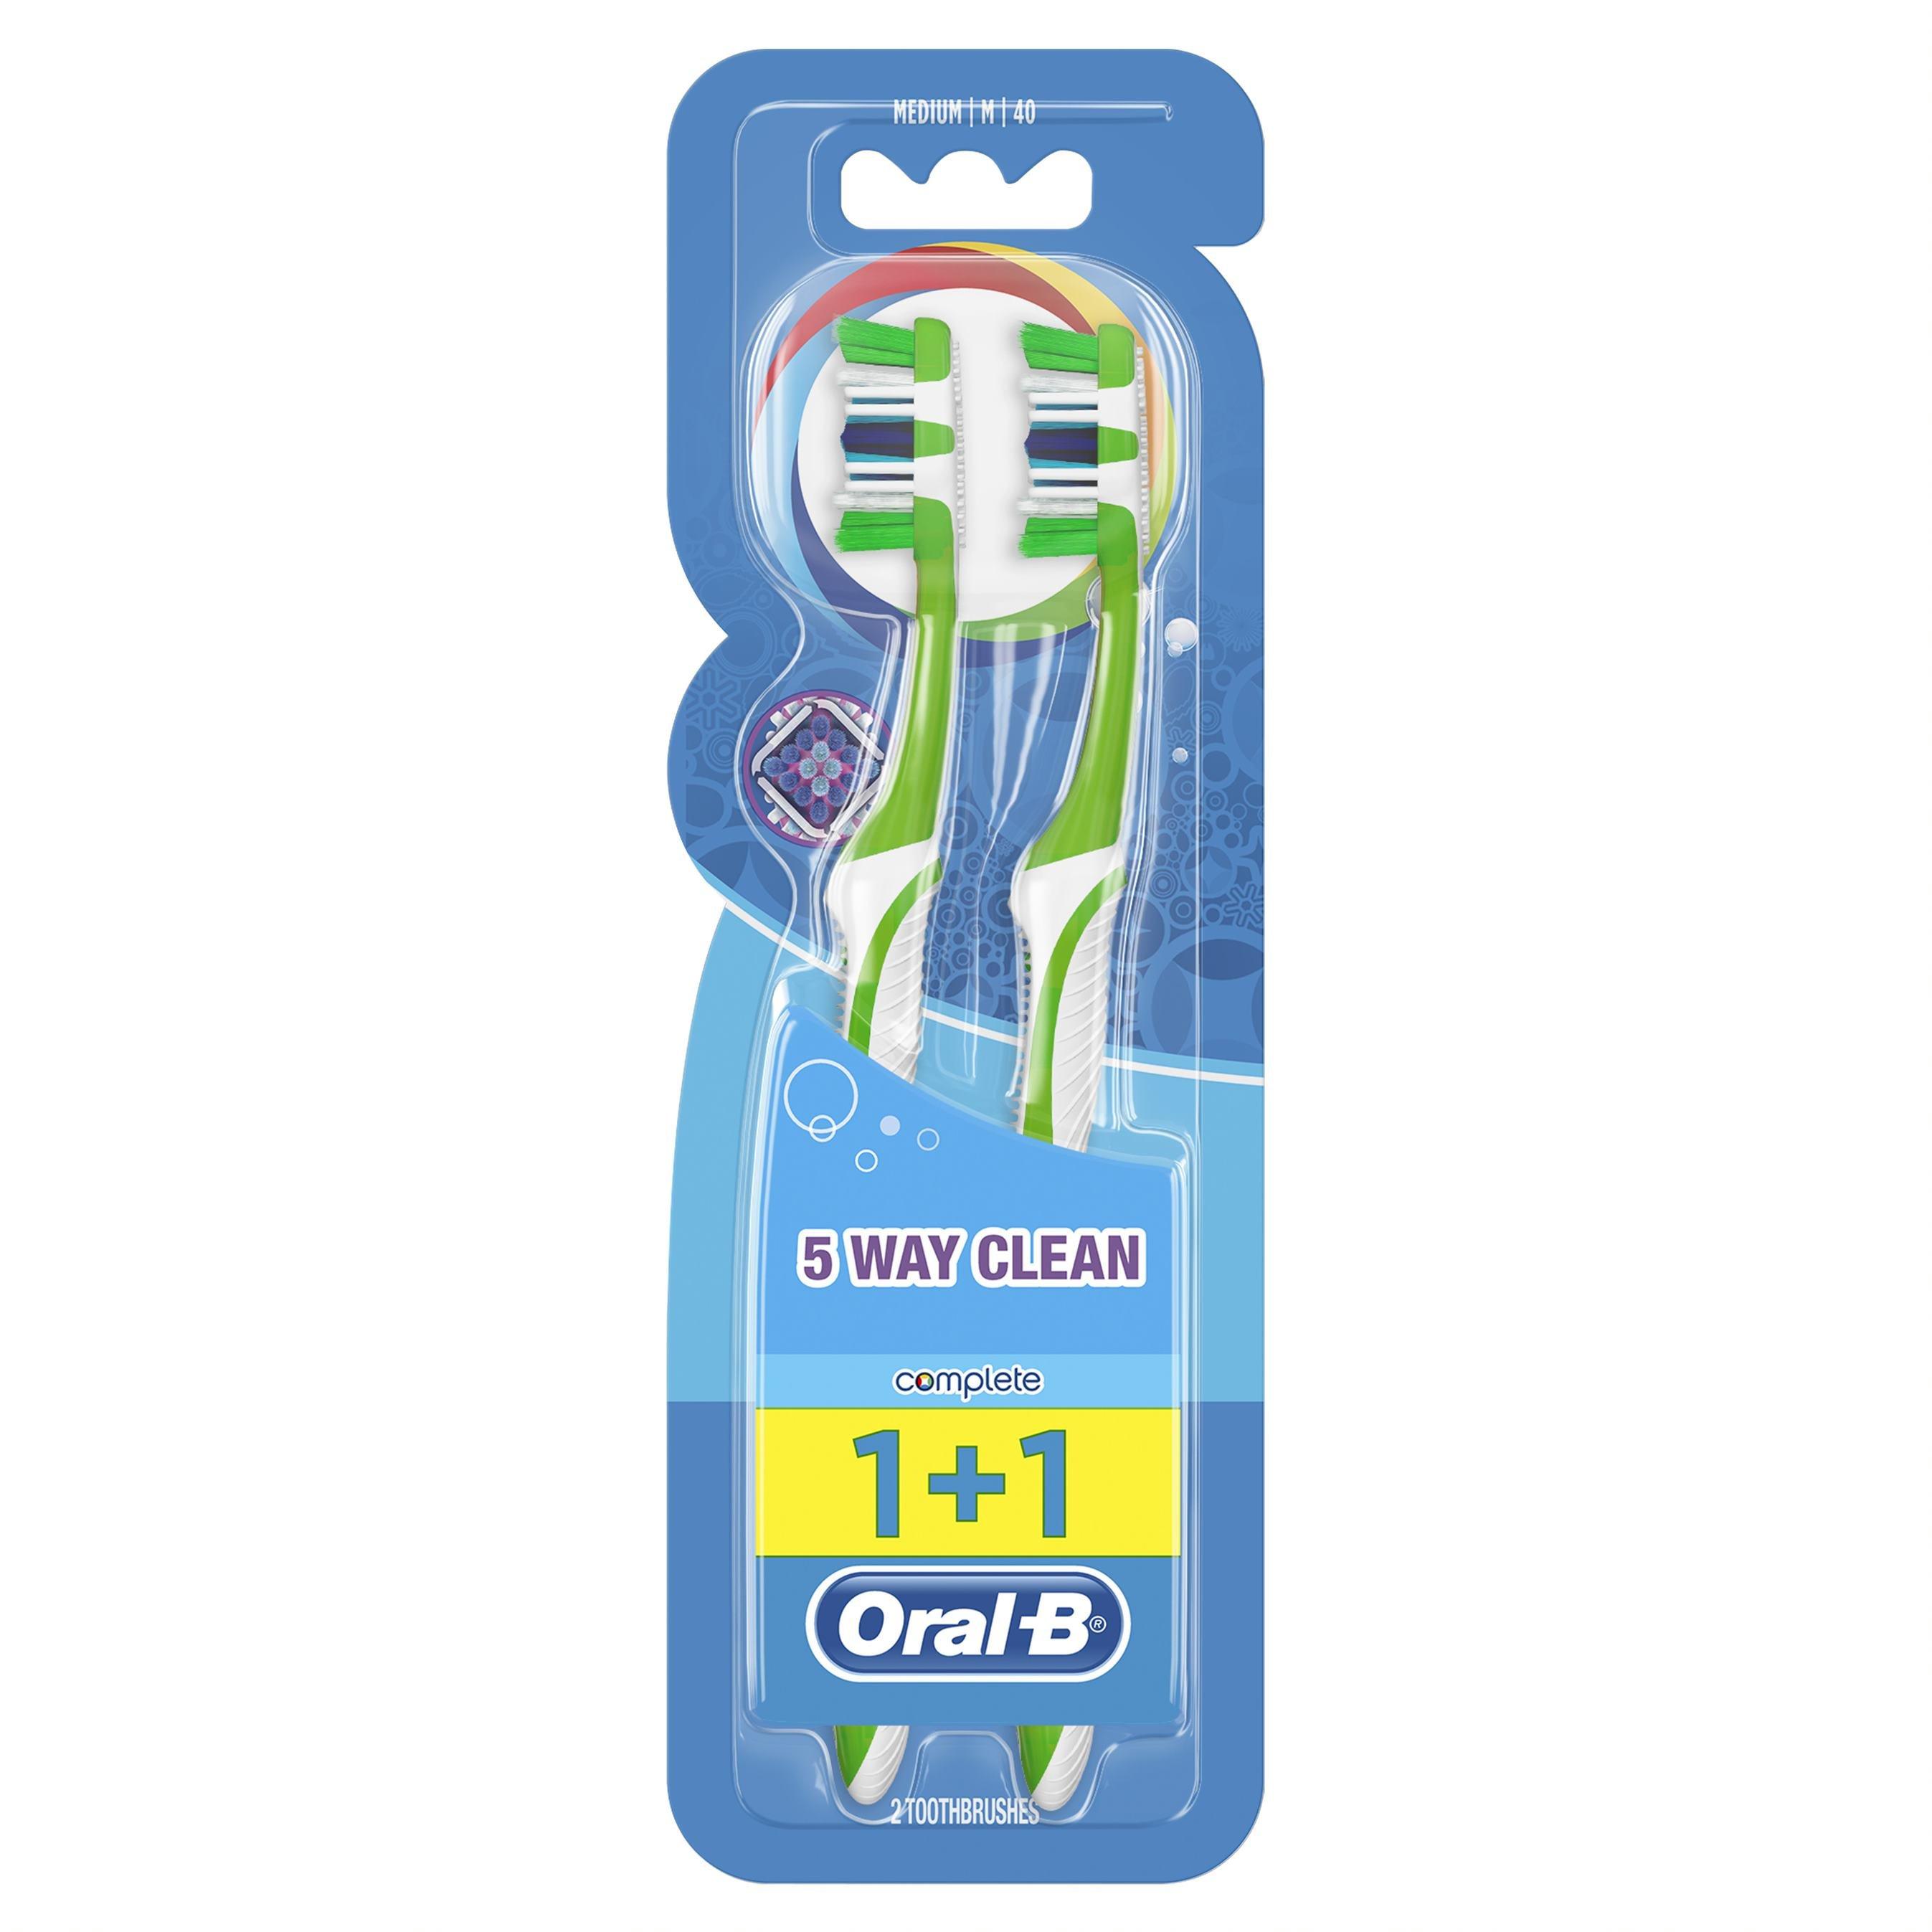 Oral-B Complete 5 Way Clean Οδοντόβουρτσα 40 Μέτρια 1+1 δώρο – Μπλε – Μπλε